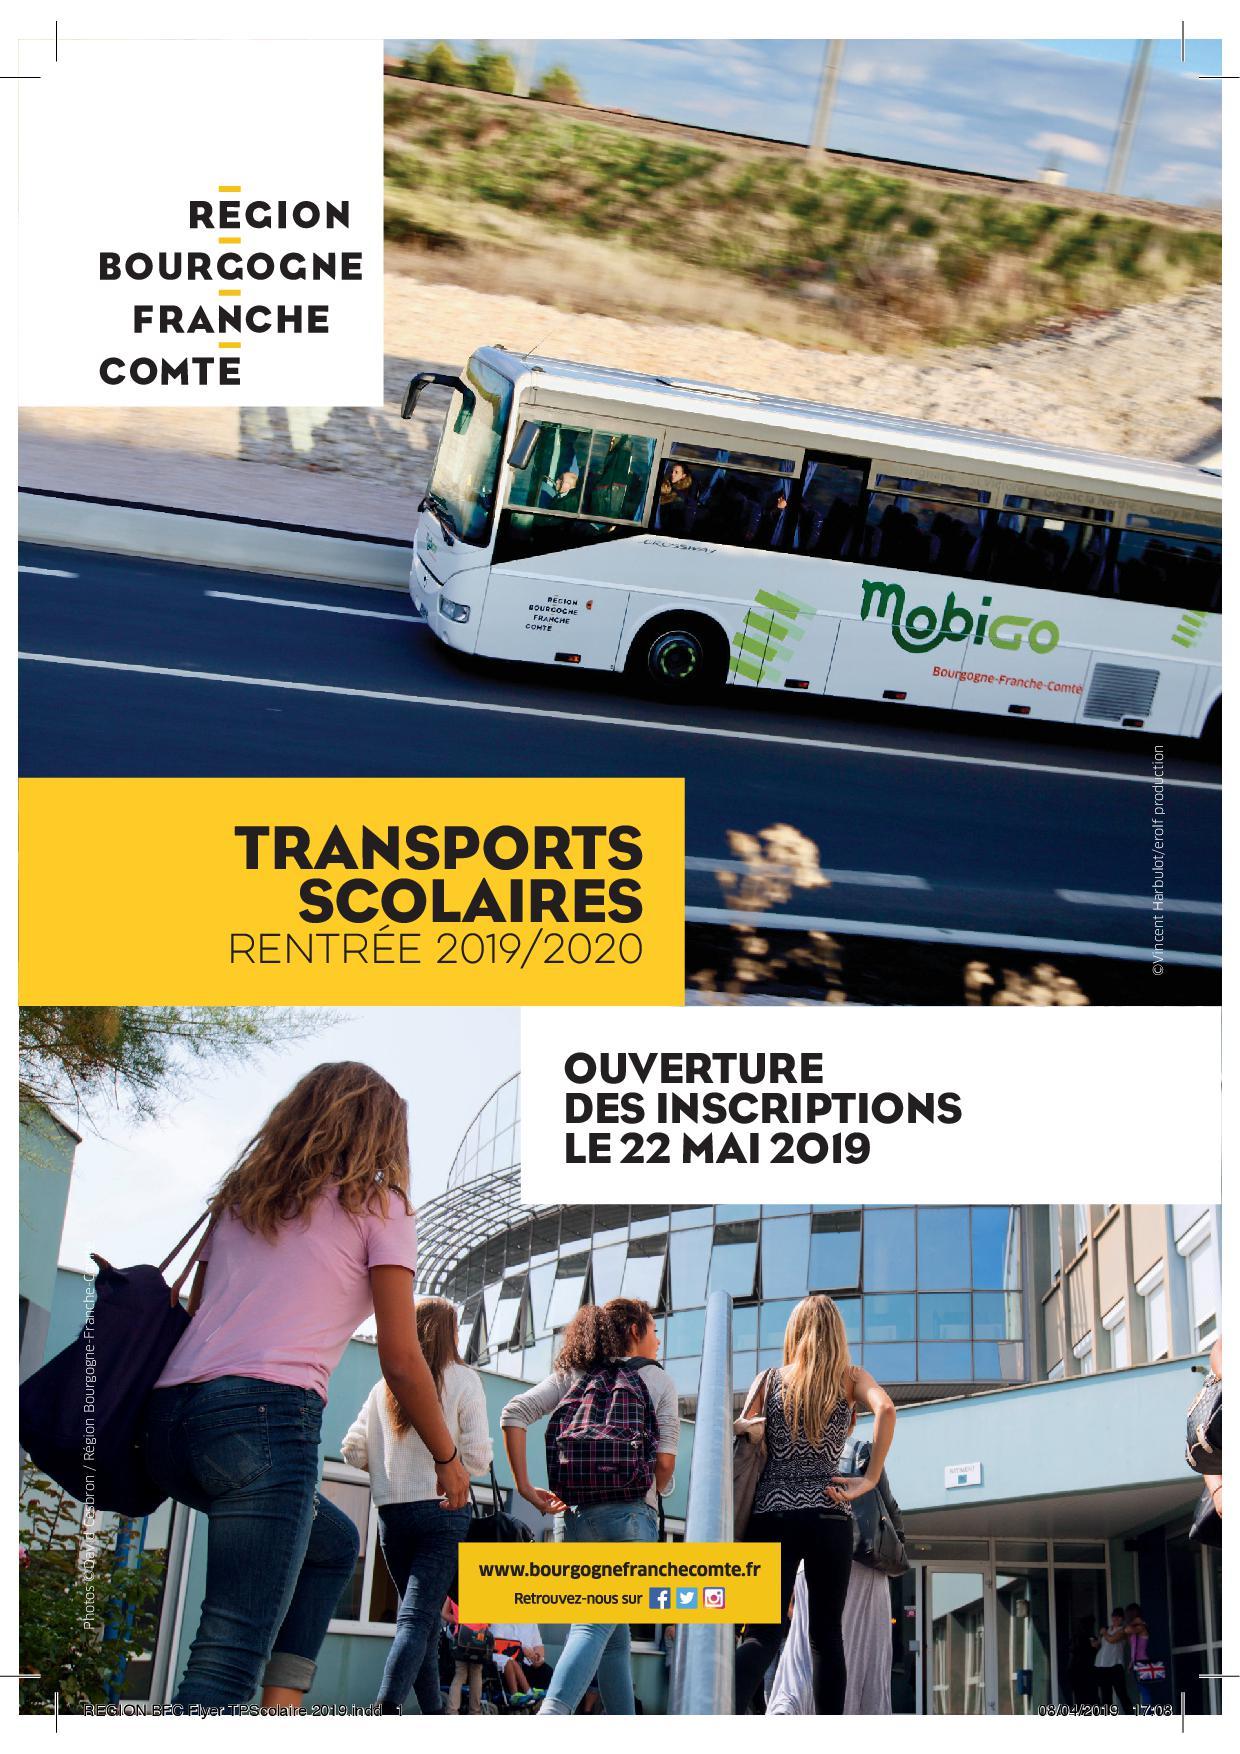 """Résultat de recherche d'images pour """"transport scolaire ouverture inscription 2019/2020 bourgogne franche comté"""""""